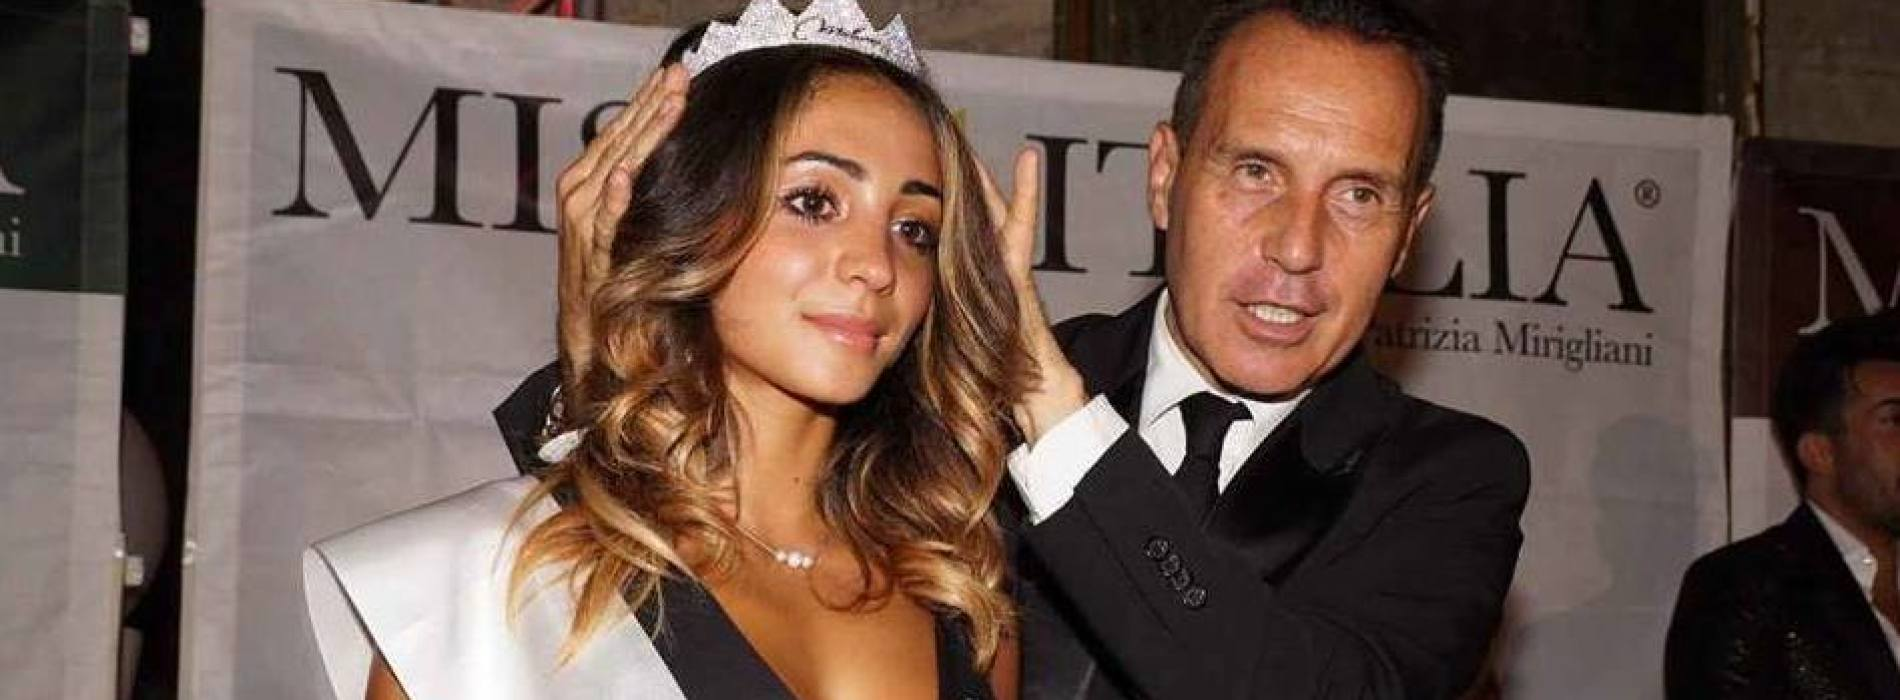 Miss Italia, Antonella Caruso a Jesolo per le semifinali